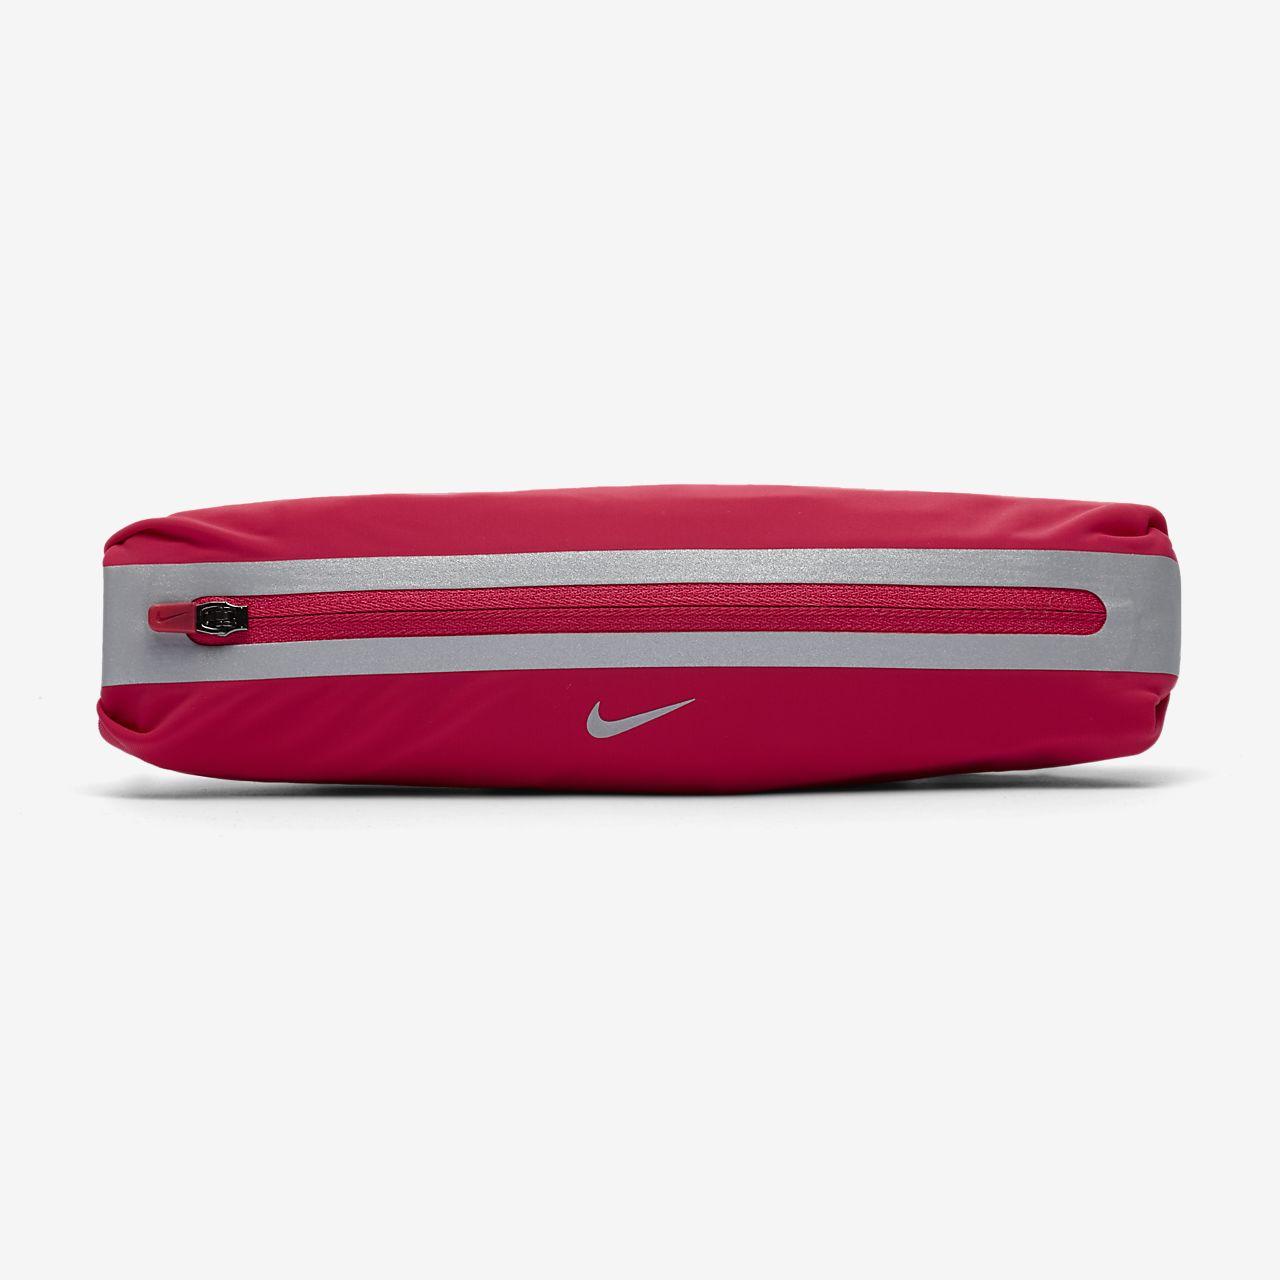 Zeštíhlená ledvinka Nike